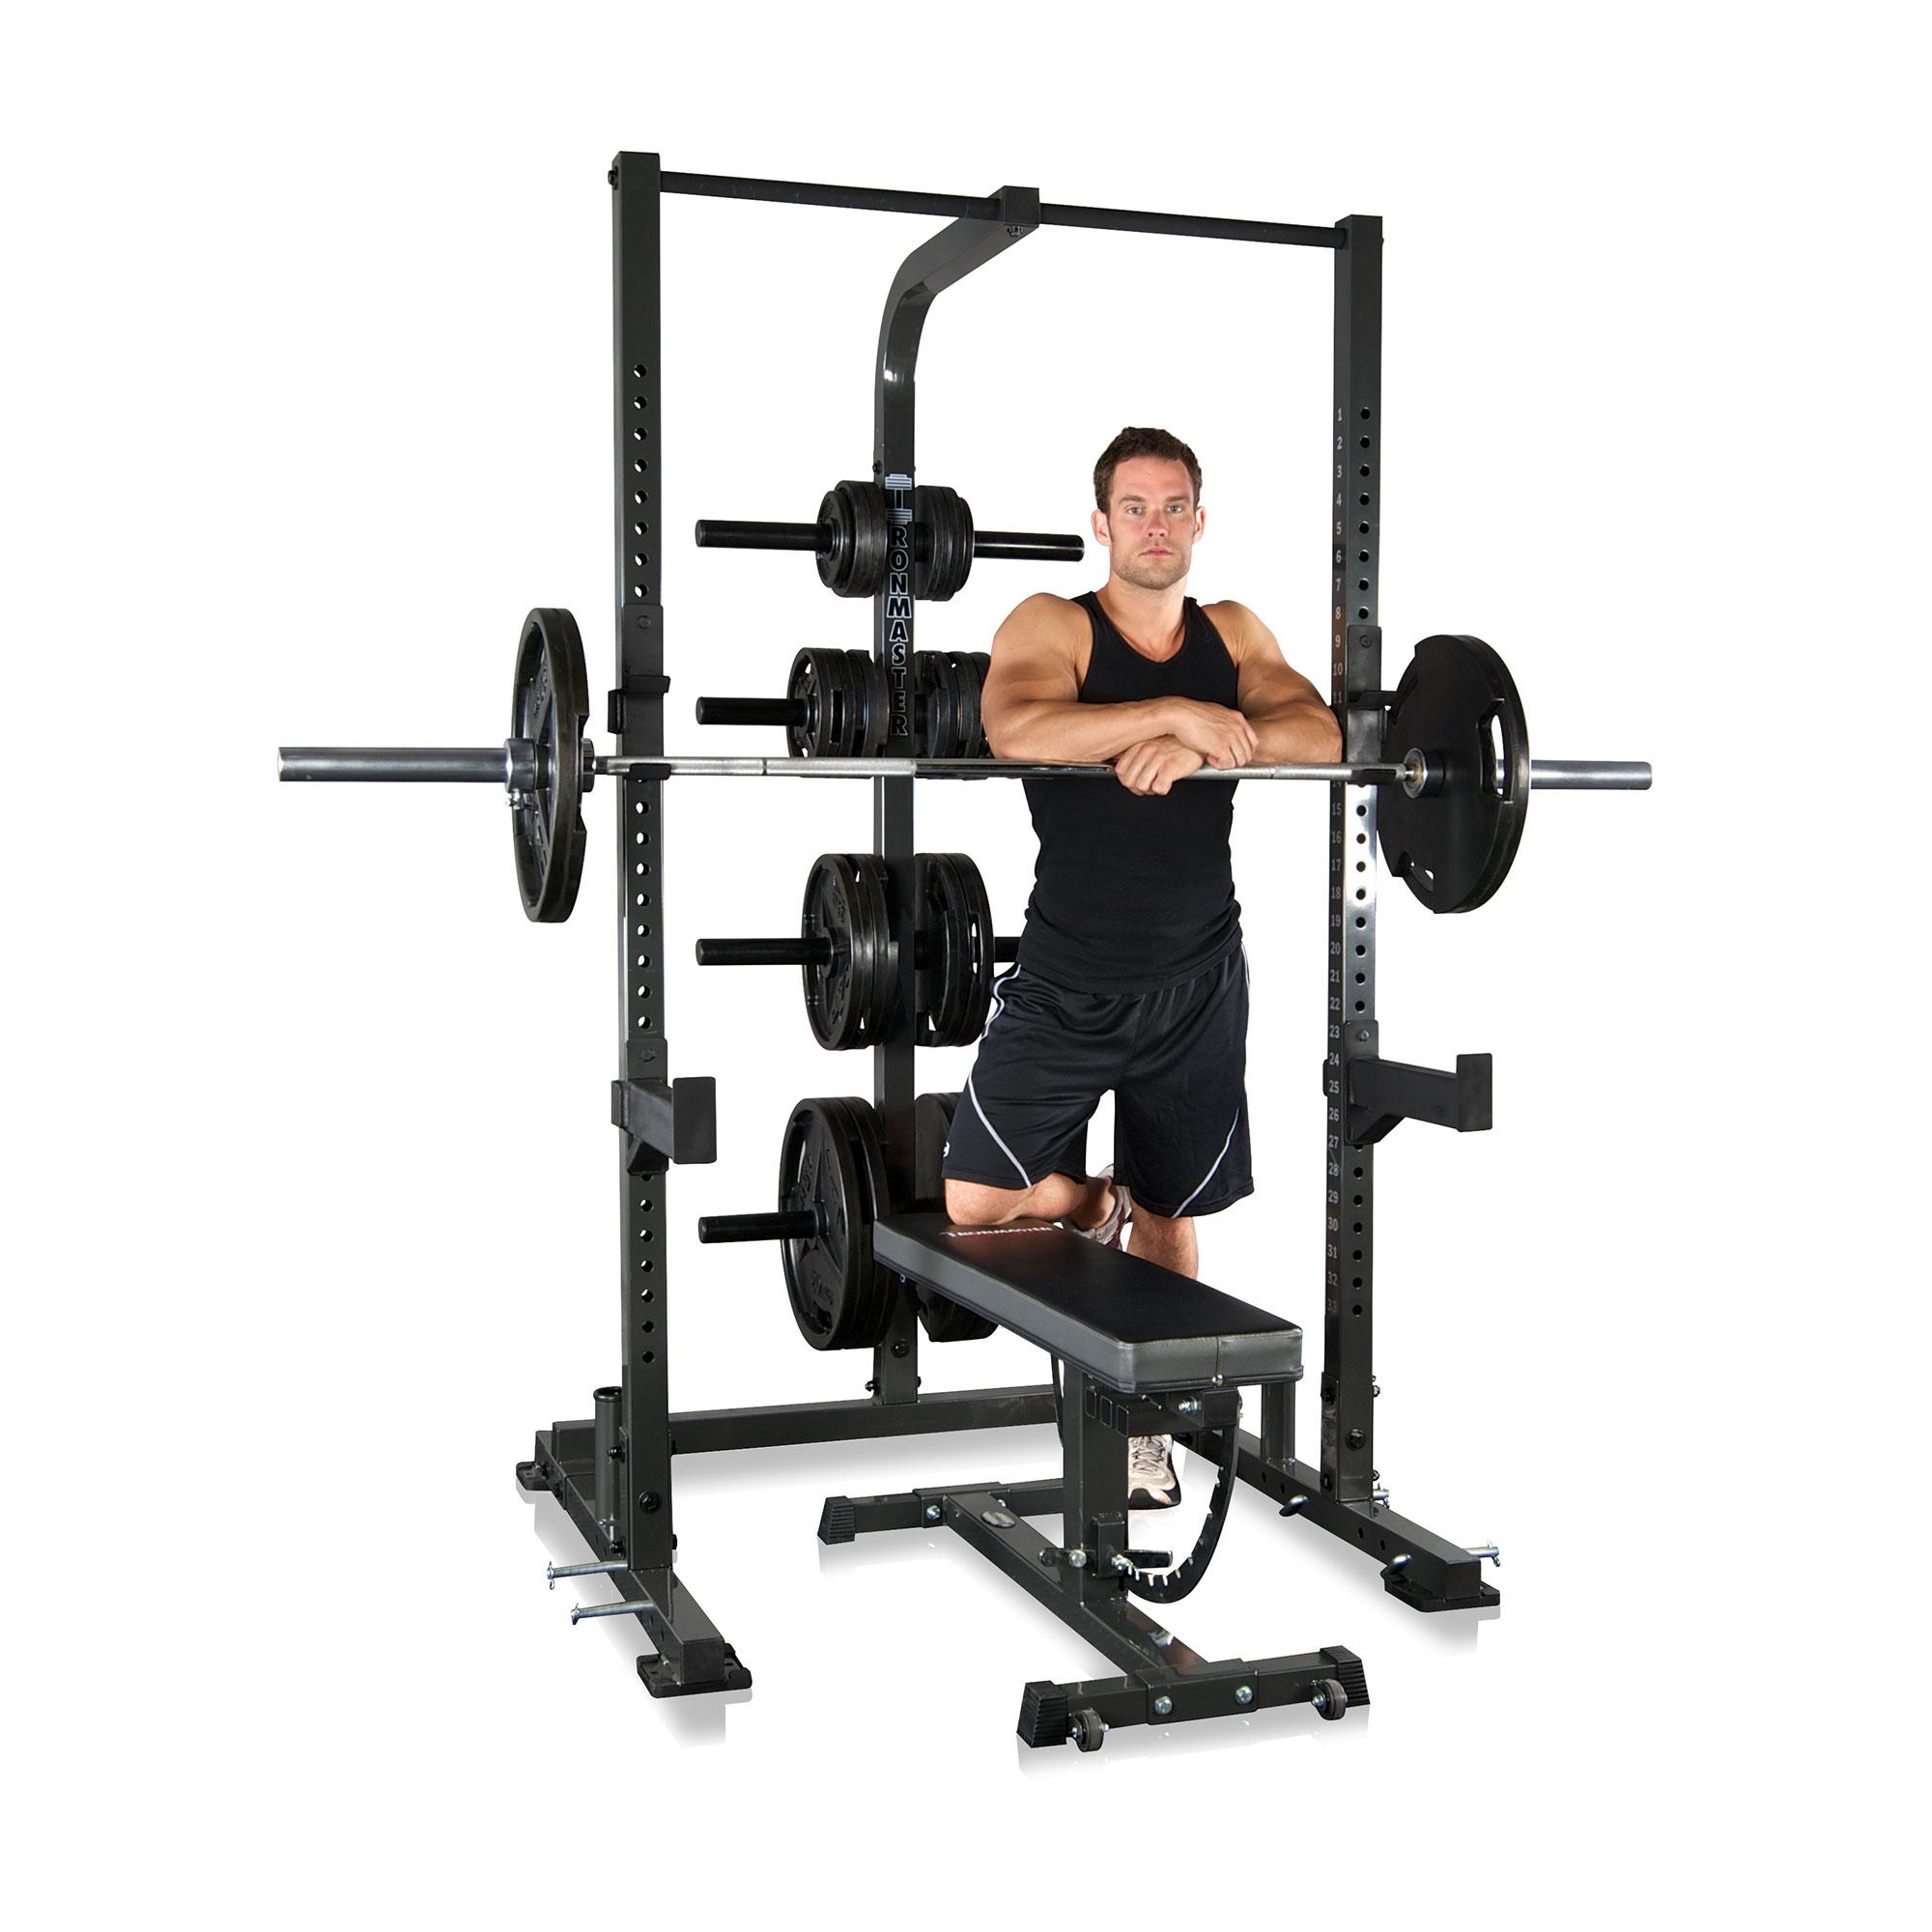 IronmasterUK IM1500 half rack